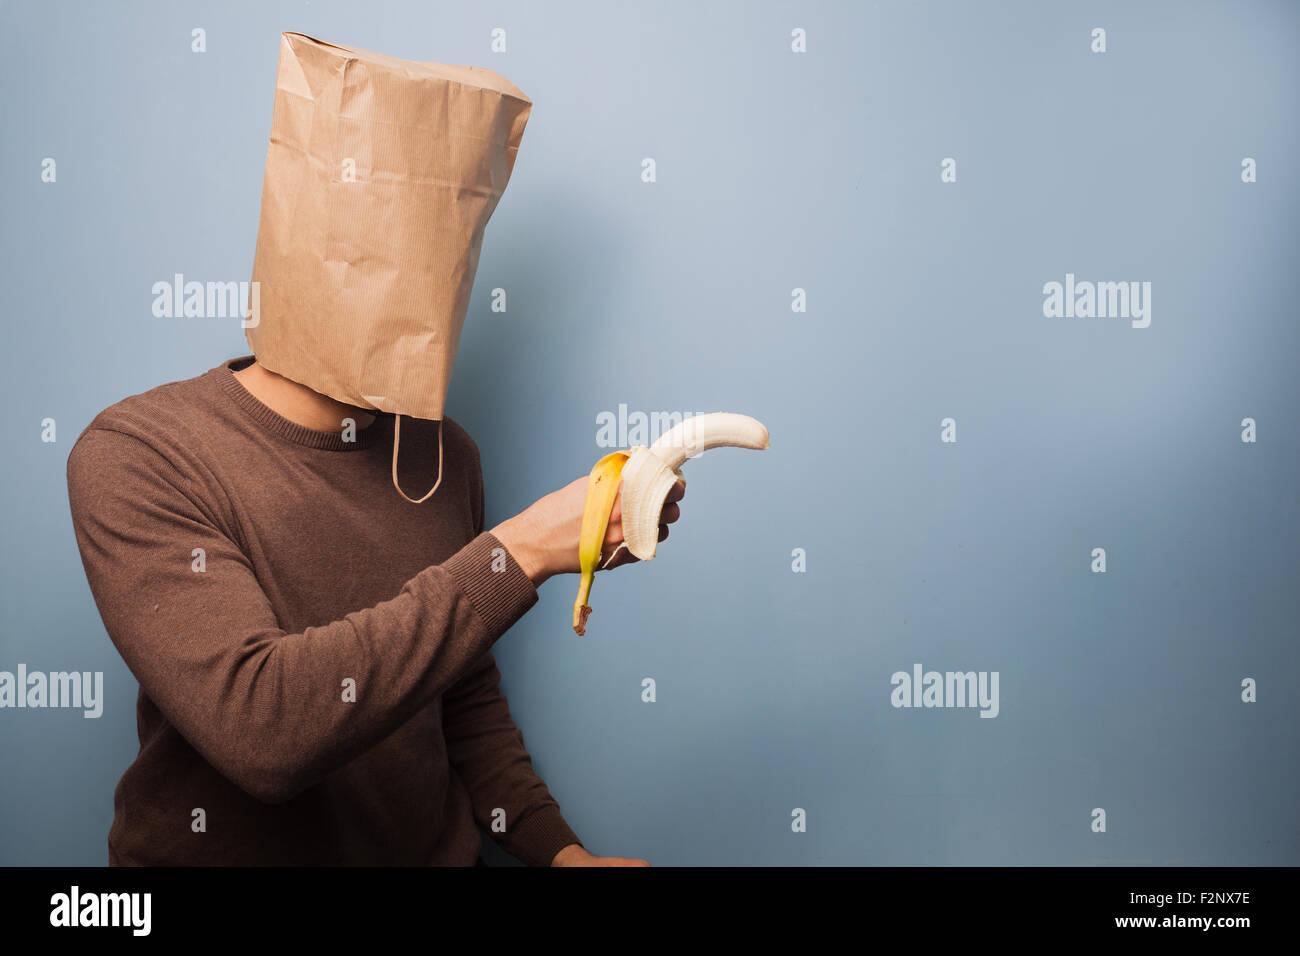 ein junger Mann mit einer Papiertüte auf dem Kopf zeigt eine Banane, als wäre es eine Waffe! Stockbild